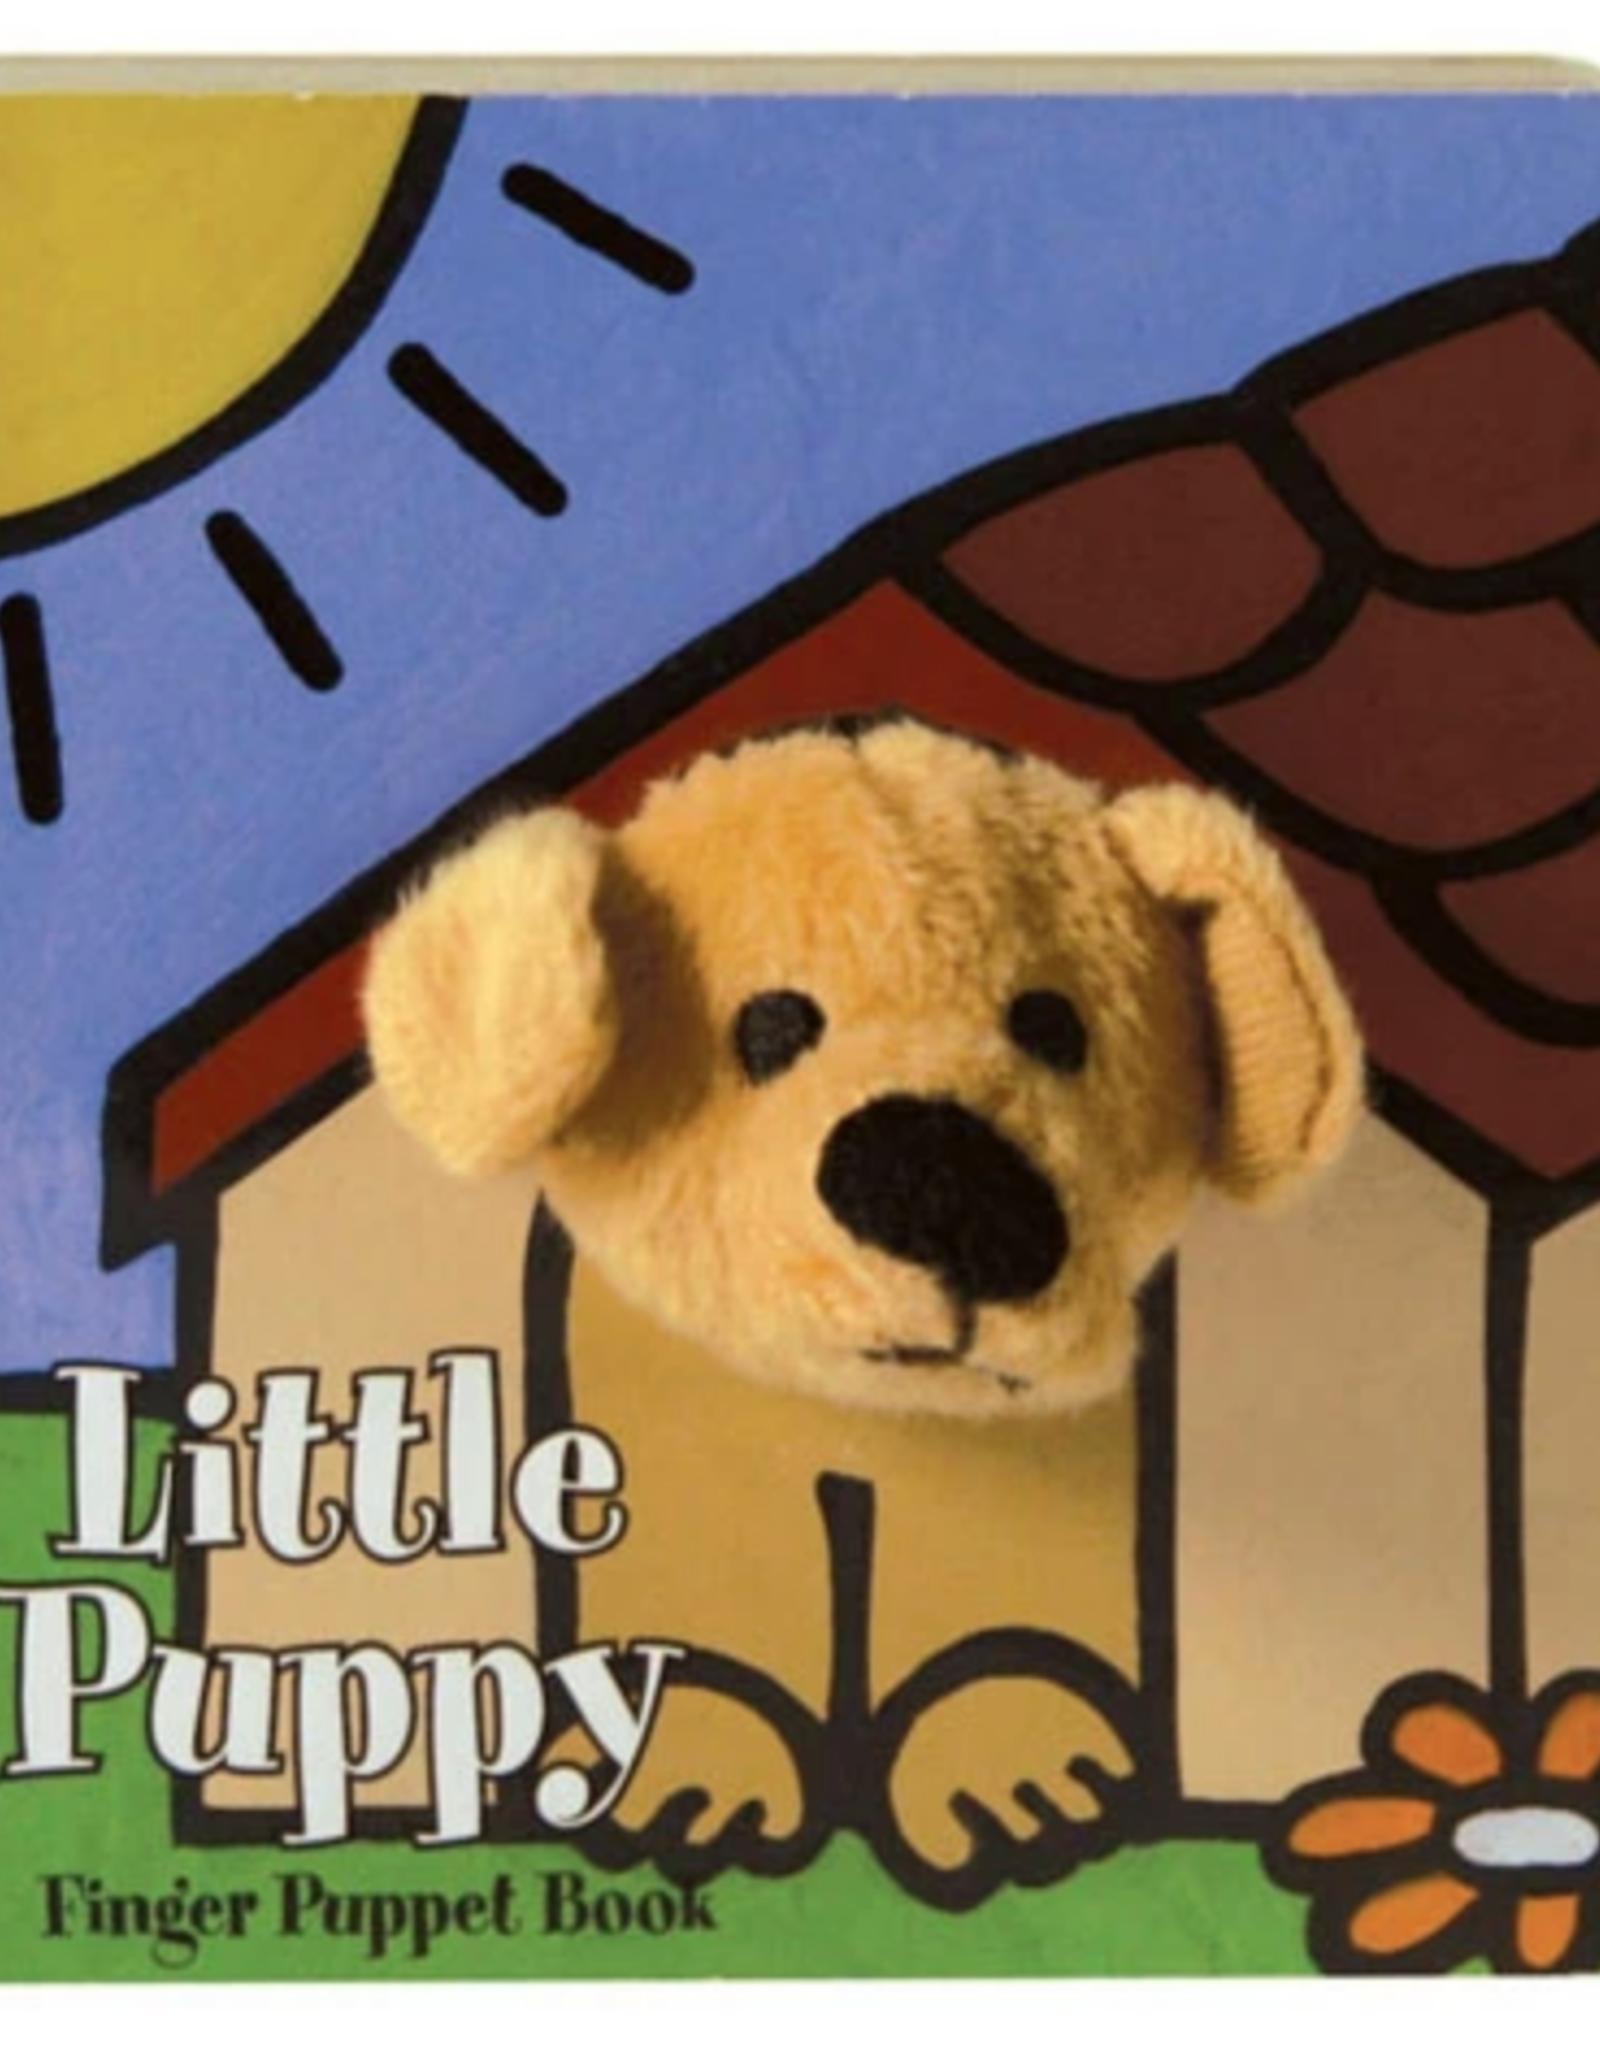 Little Puppy Finger Puppet Book